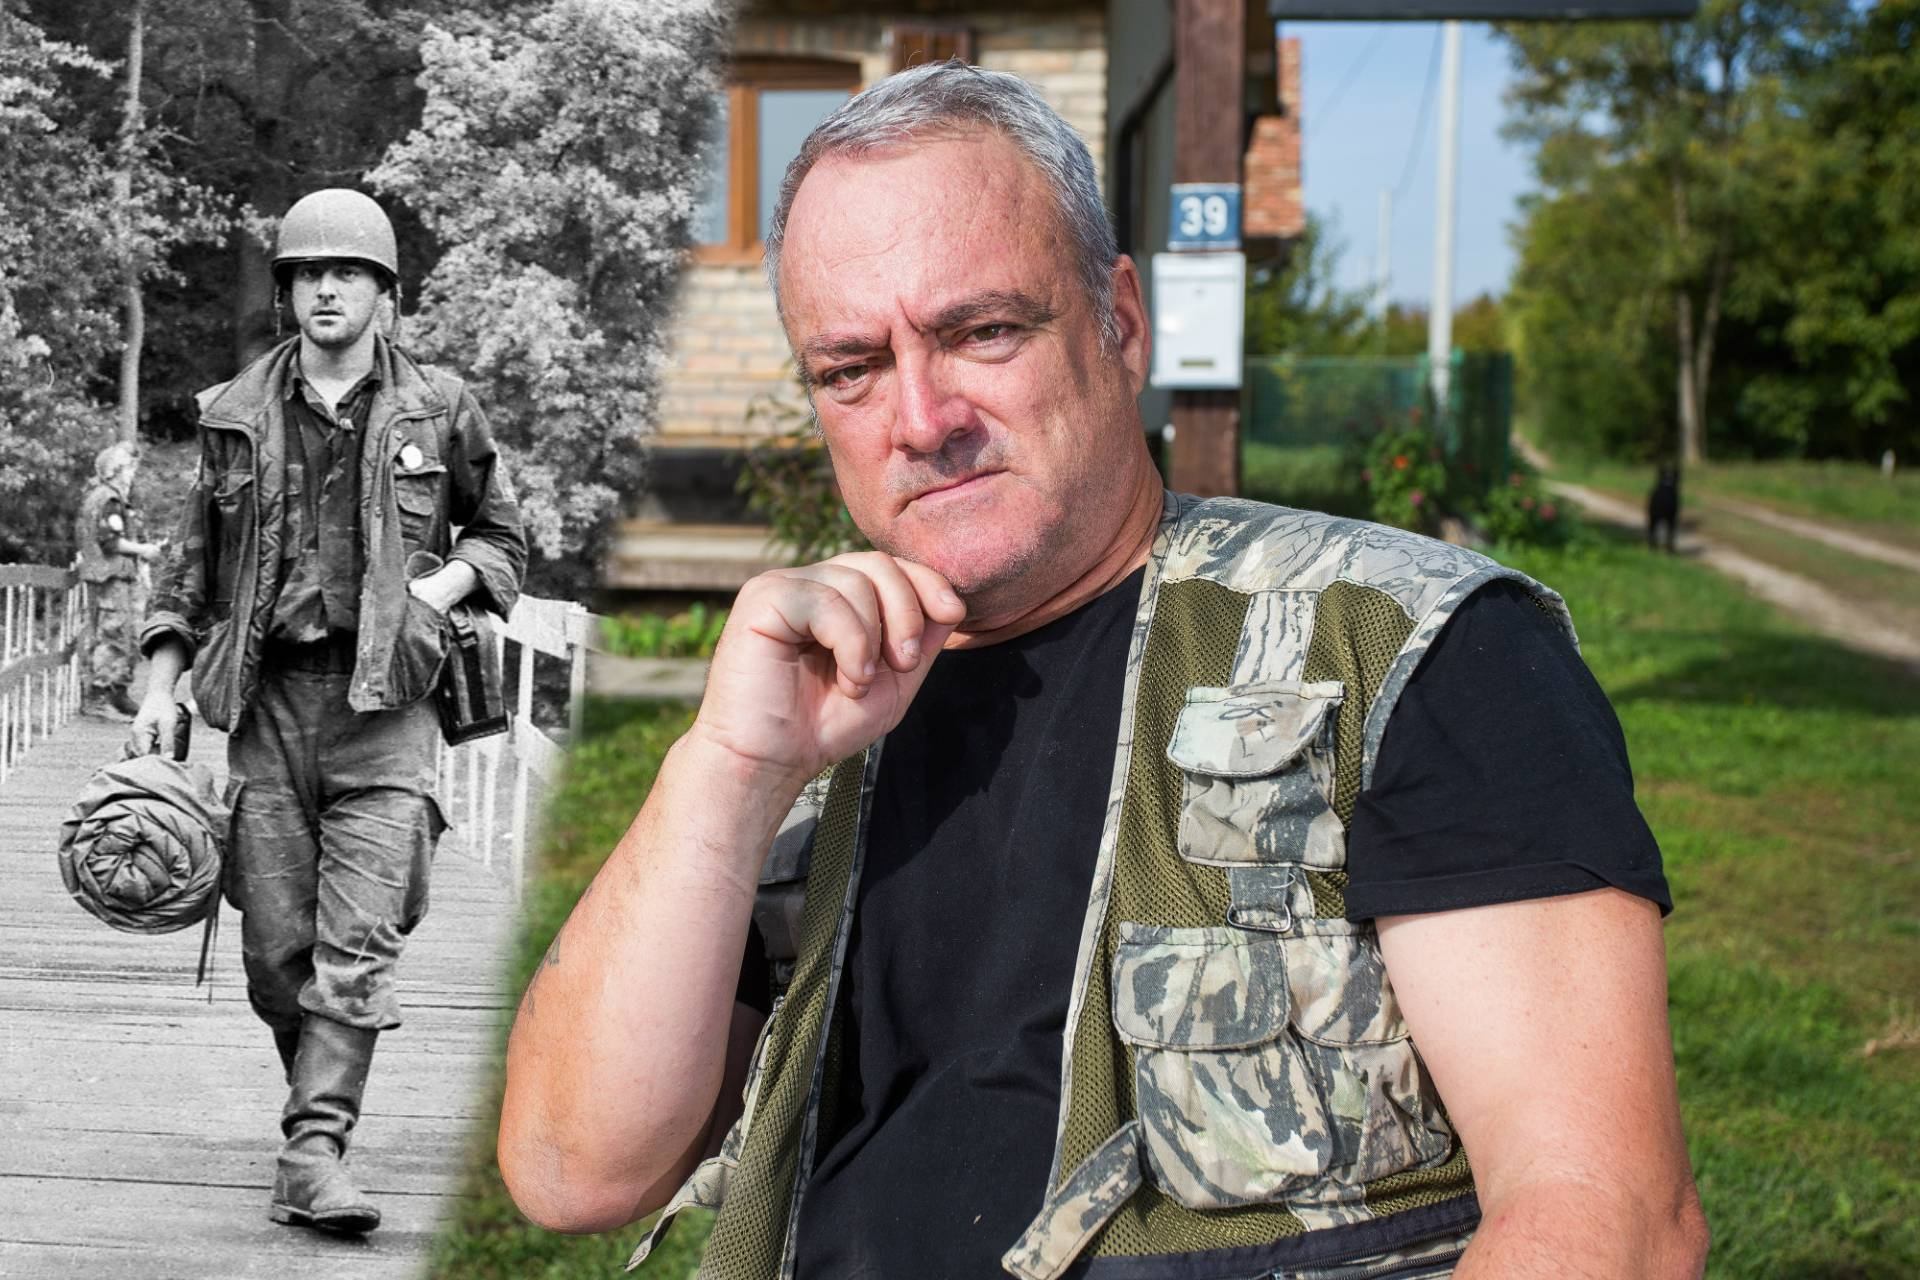 'Vidio sam rat u Hrvatskoj na TV-u i došao braniti tu zemlju'